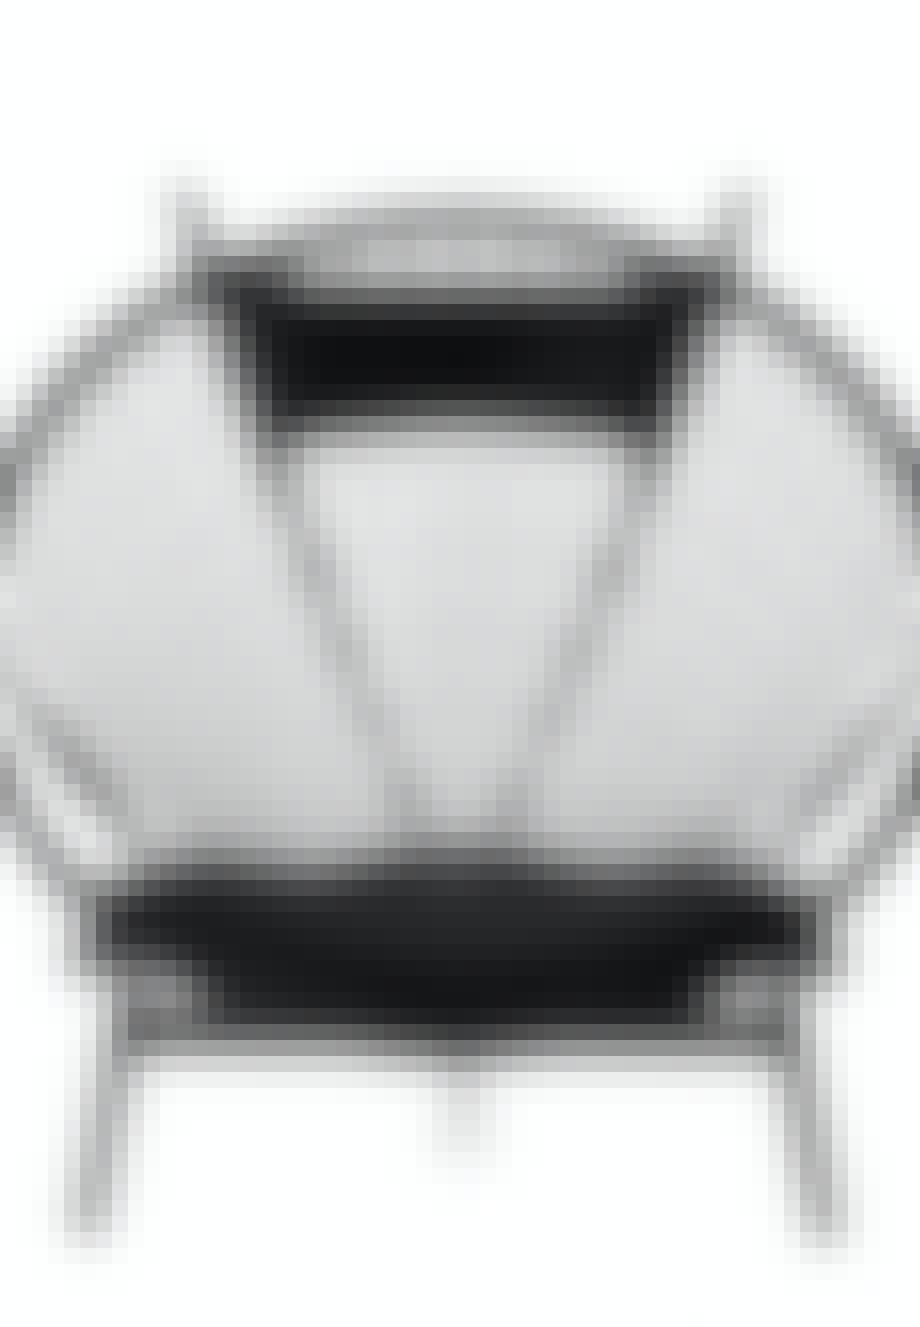 Wegner-flet for øvede